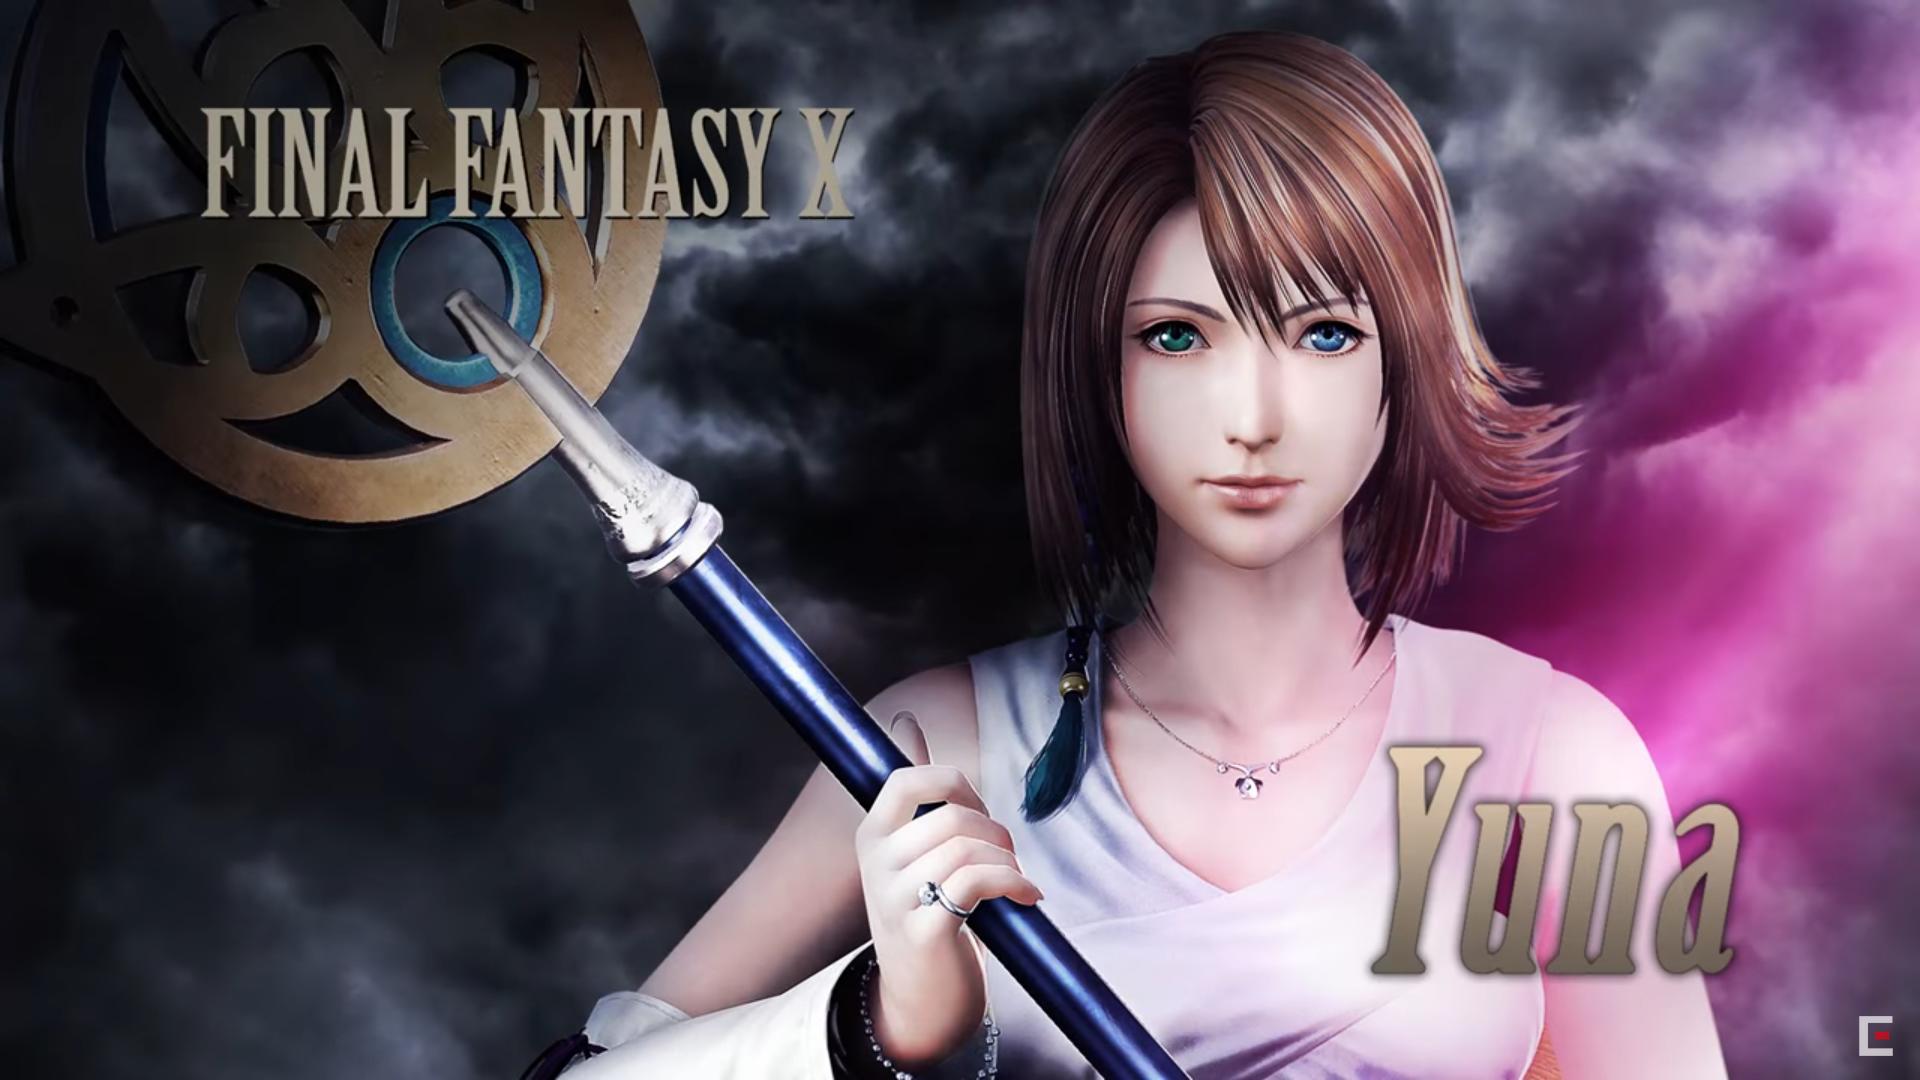 Il quinto personaggio del Season Pass di Dissidia Final Fantasy NT è Yuna di Final Fantasy X!